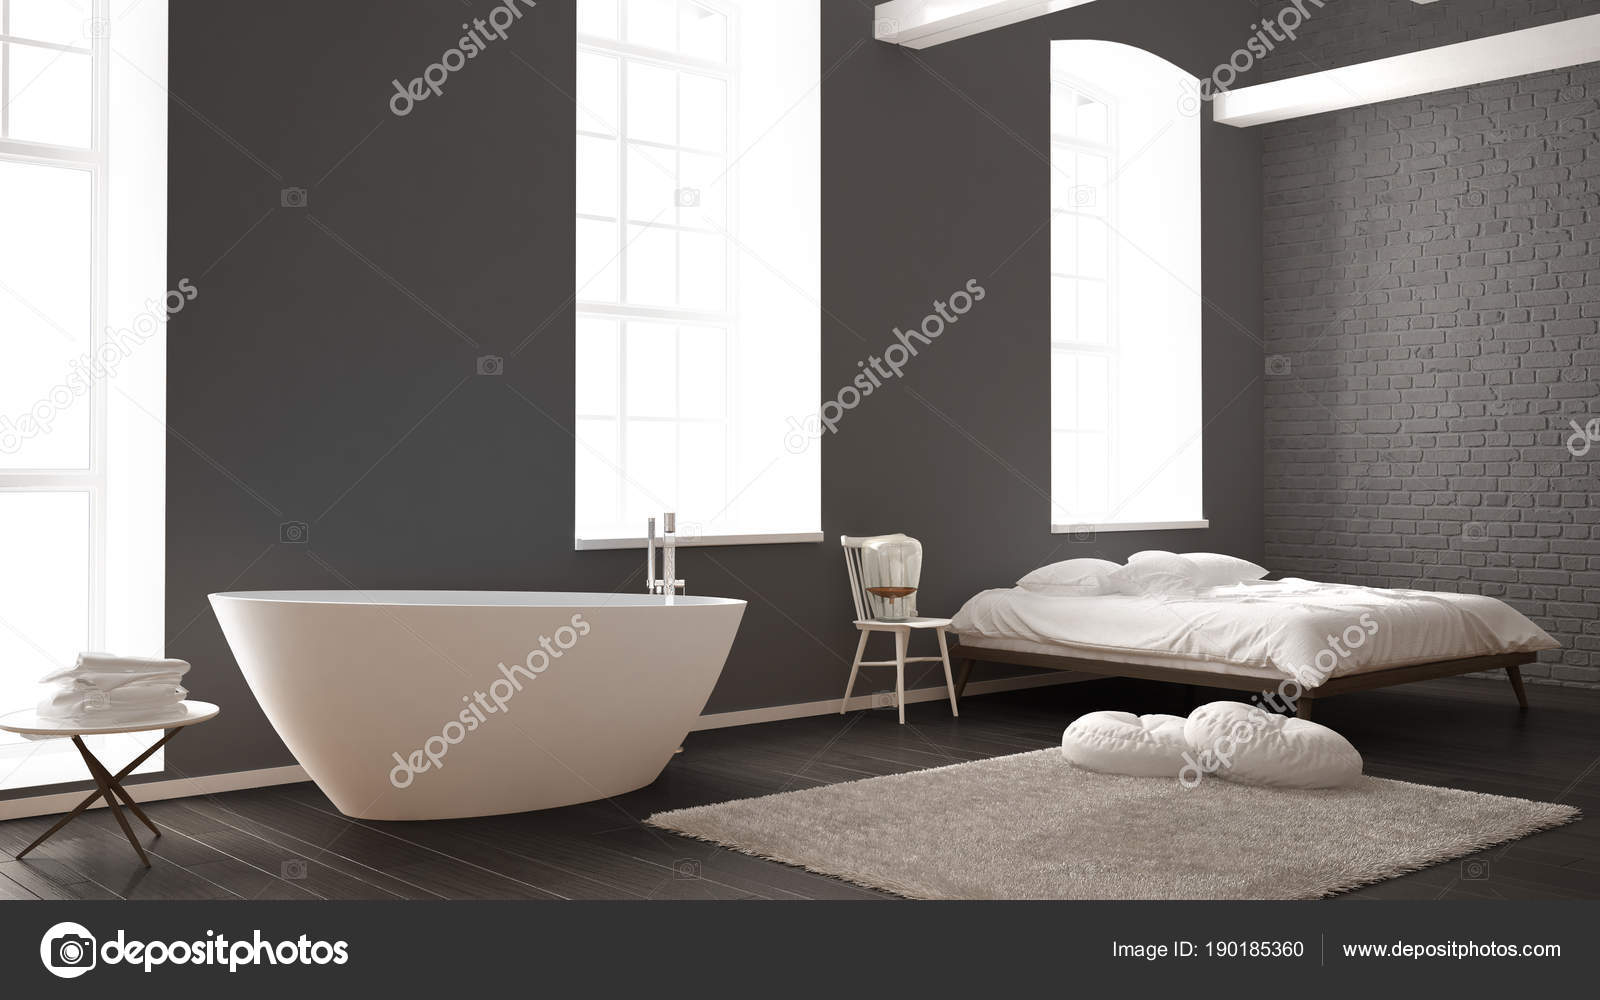 Vasca Da Bagno In Camera : Vasca idromassaggio per camera degli ospiti